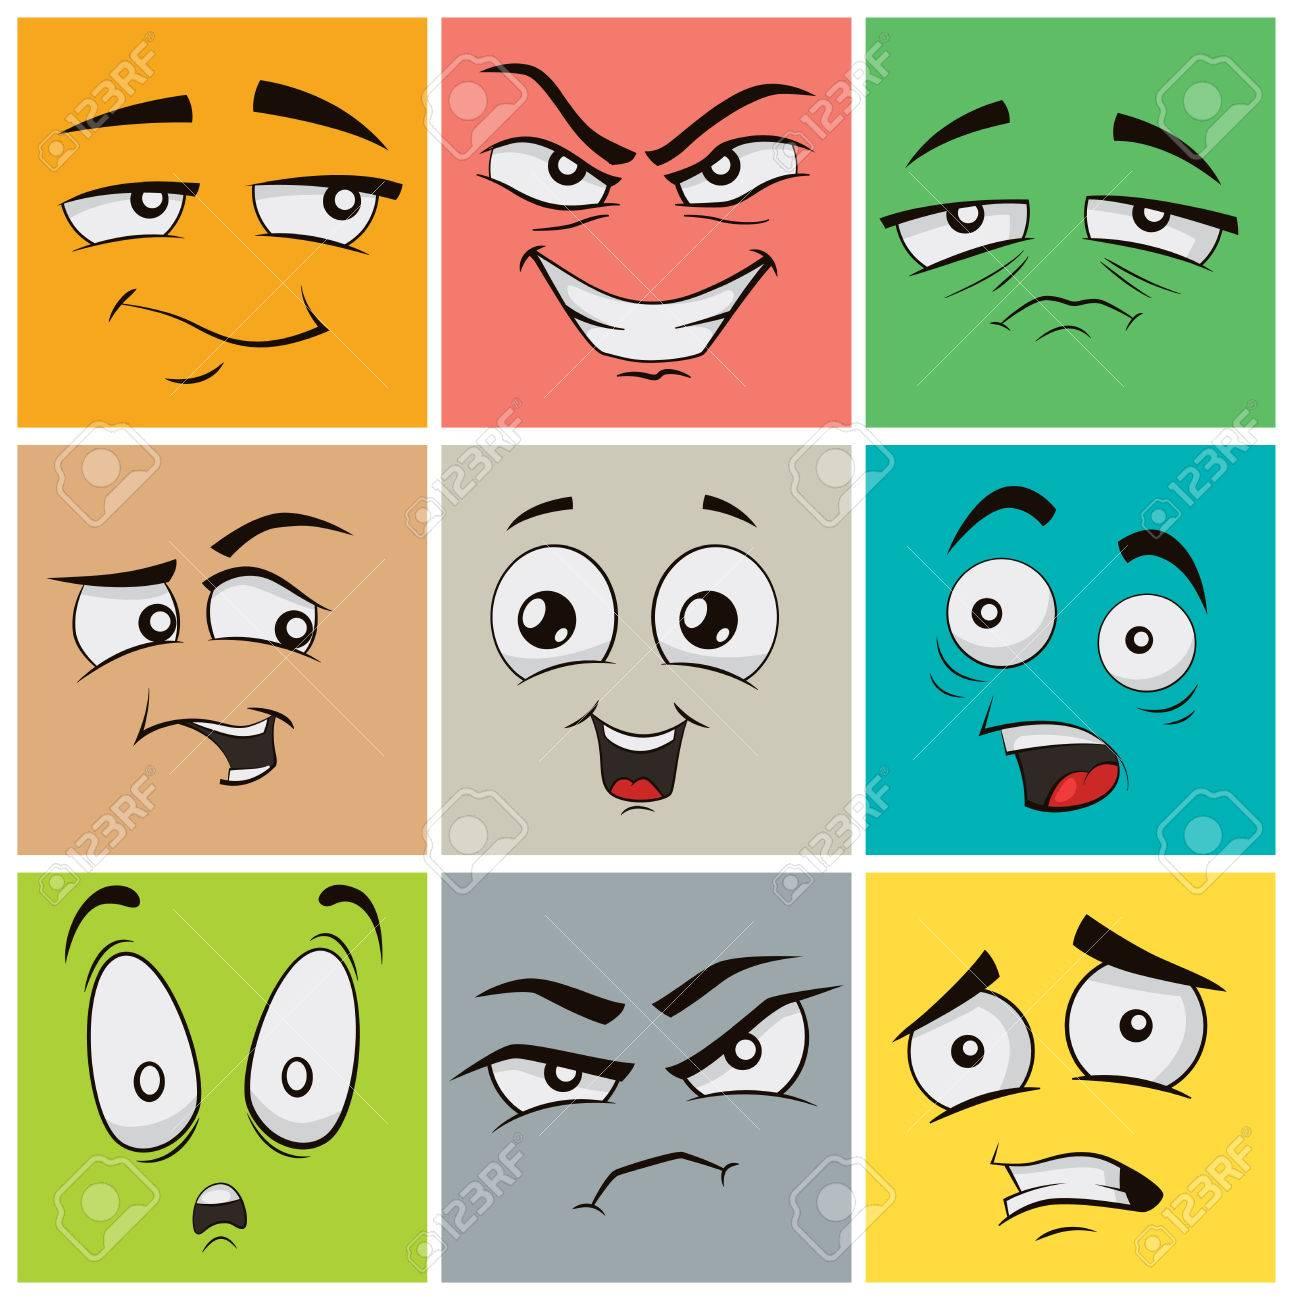 面白い漫画顔の表情顔文字集のイラスト素材ベクタ Image 74105536